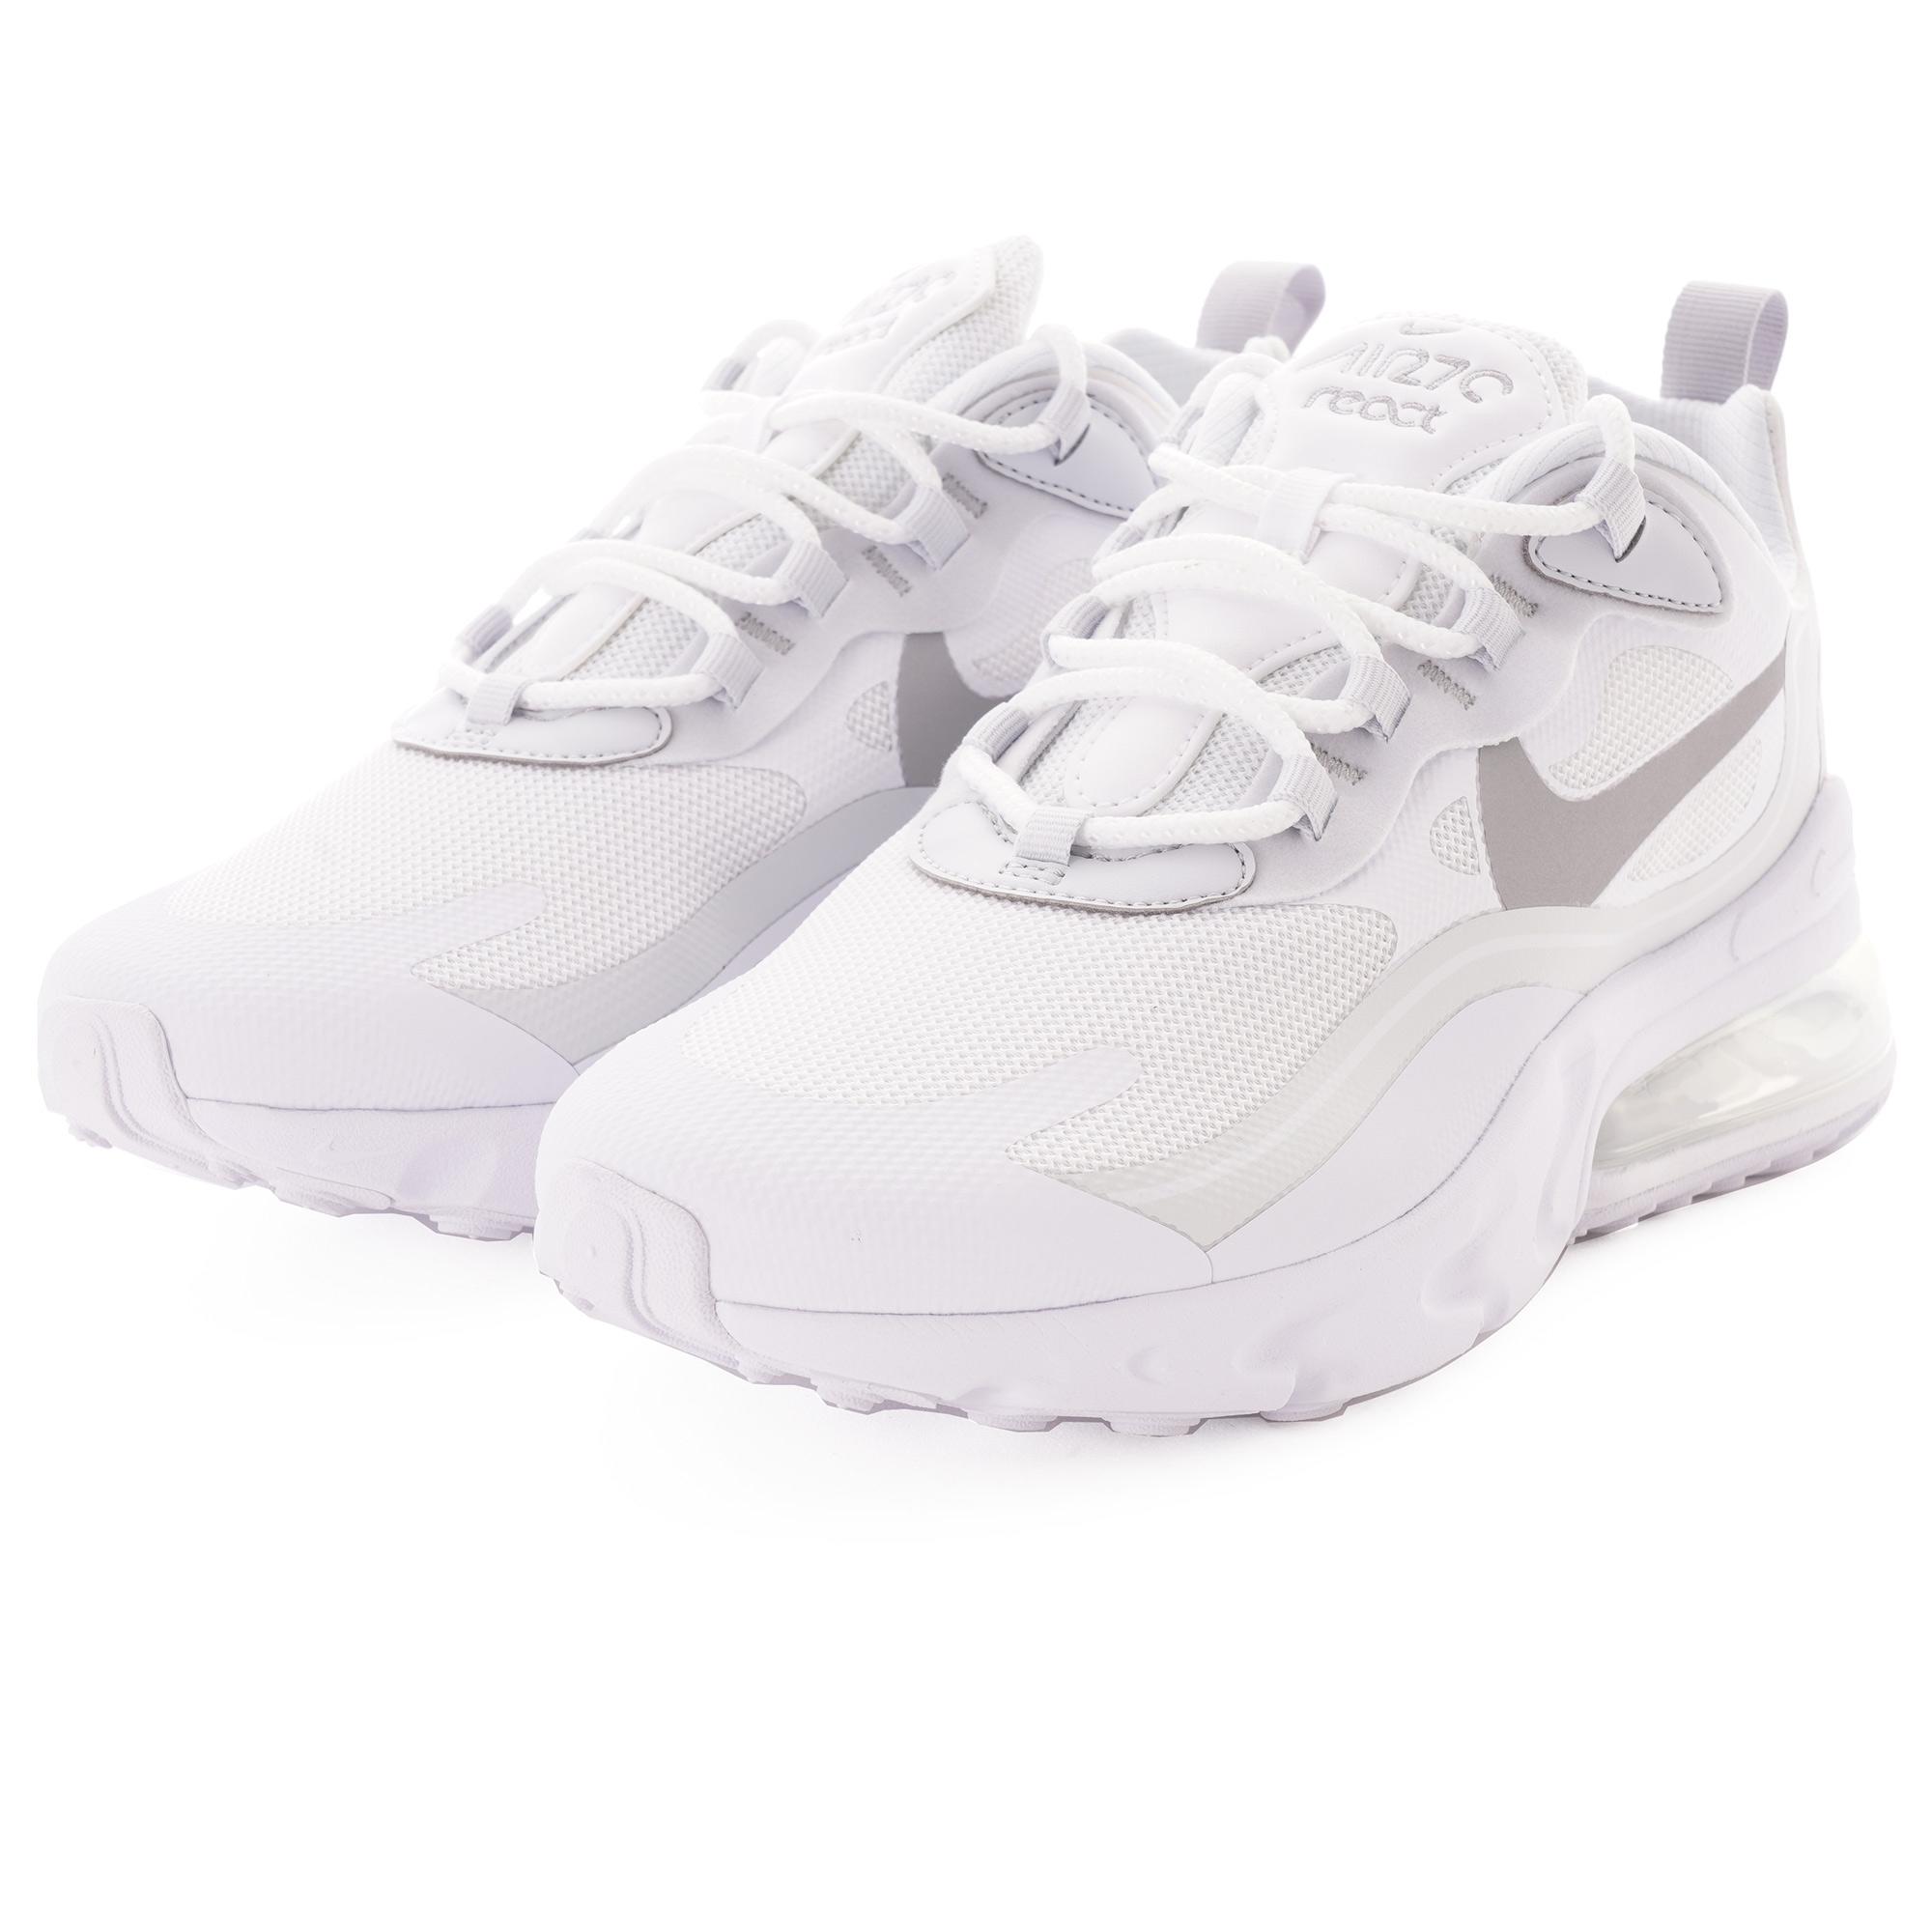 Nike Air Max 270 React | White | CV1632-100